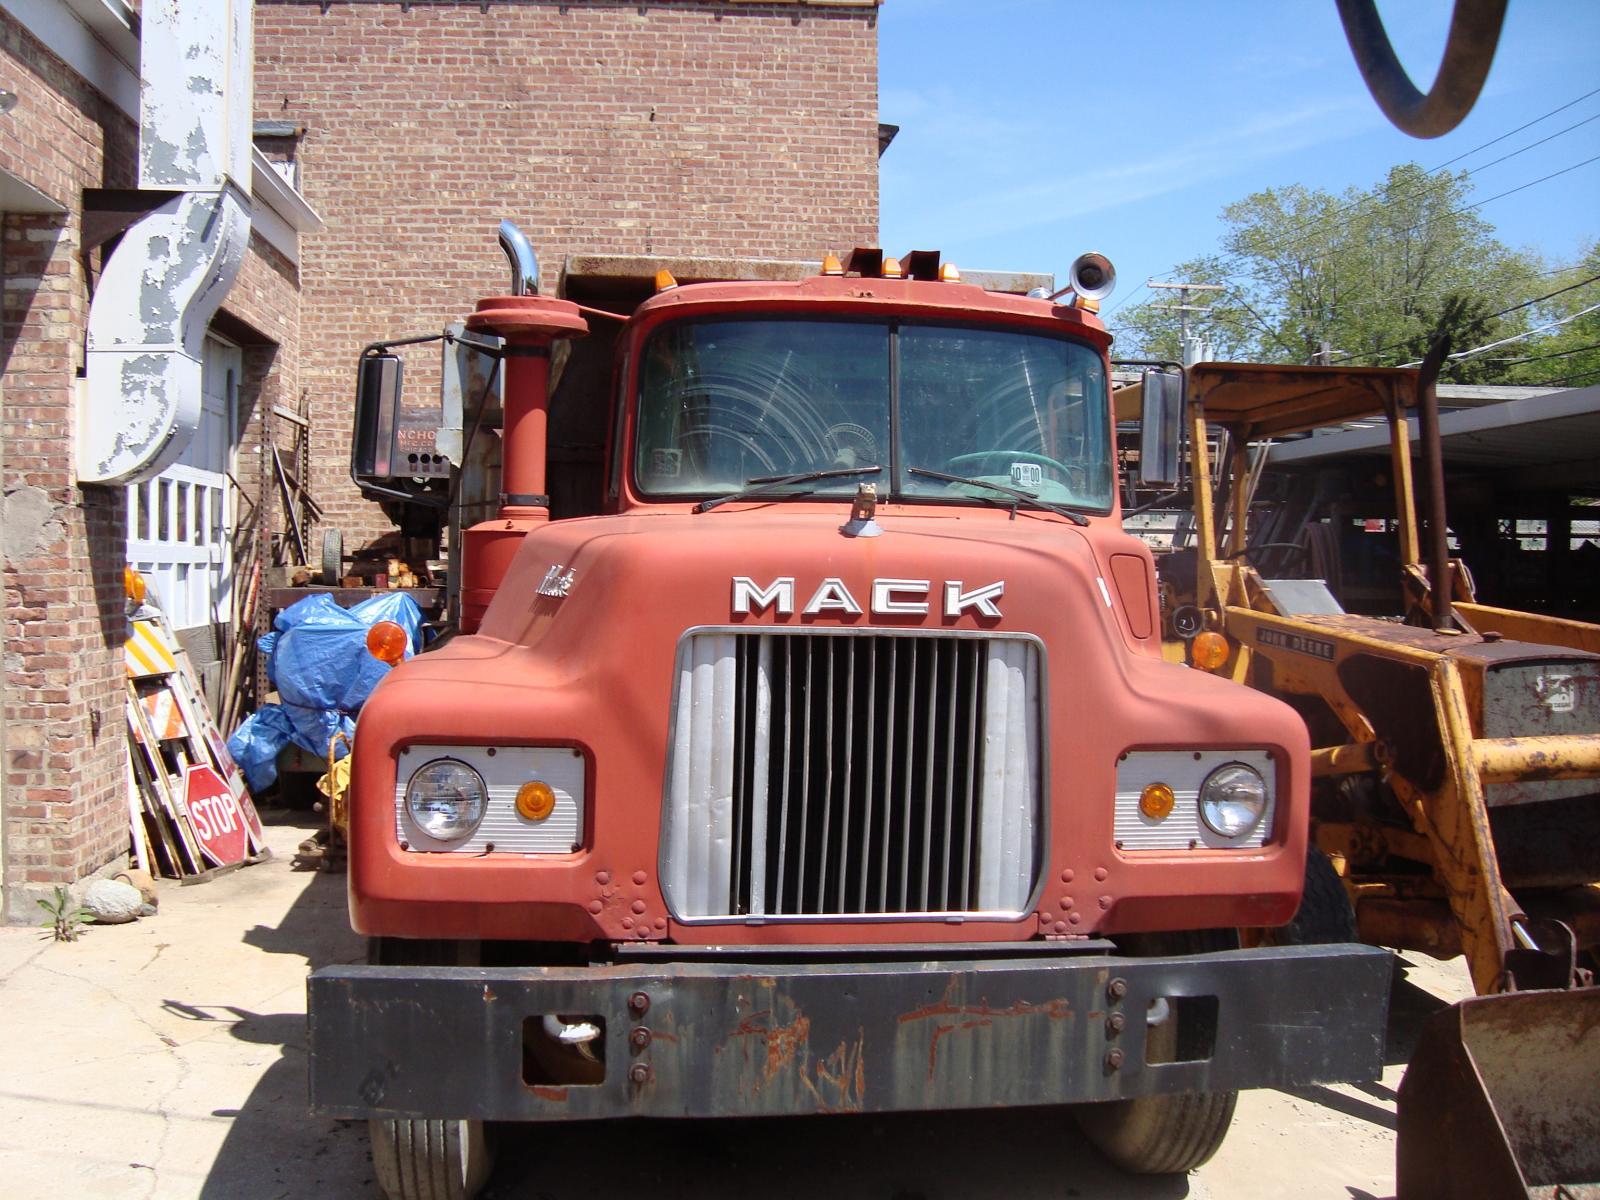 1966 Mack D Model 6 Wheel Dump Trucks For Sale